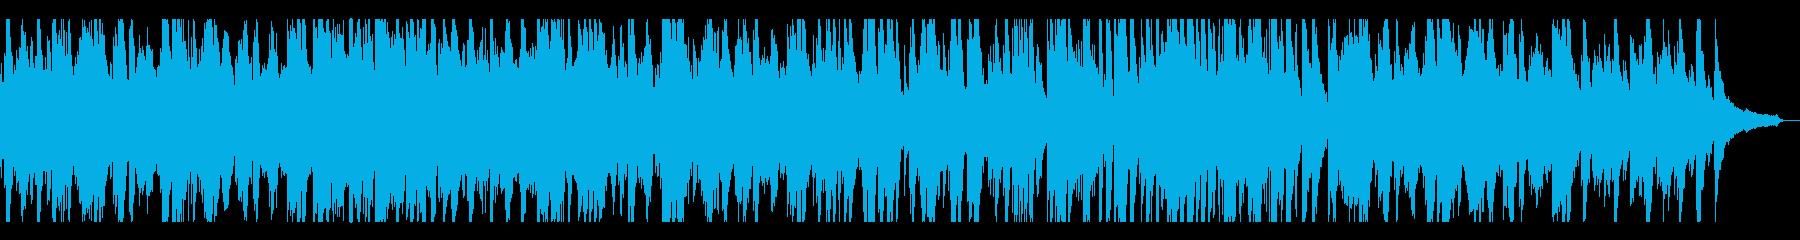 夜のひと時に~ピアノ×サックスのバラードの再生済みの波形